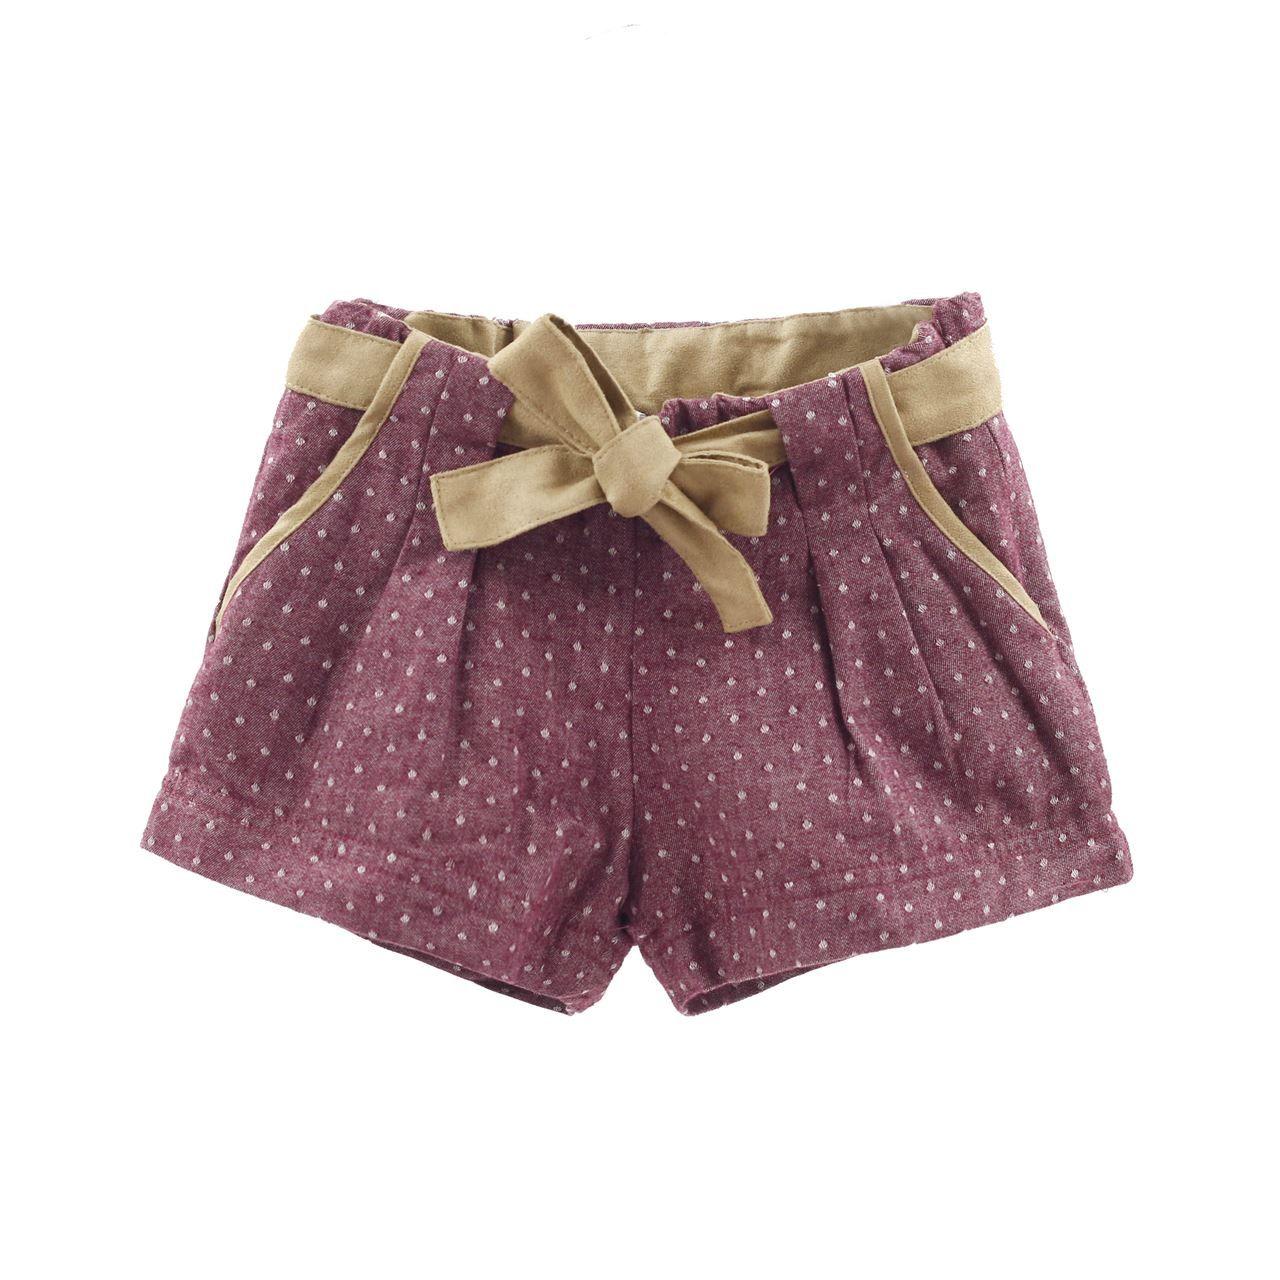 Imagem relacionada sivenje kids pinterest shorts baby girl